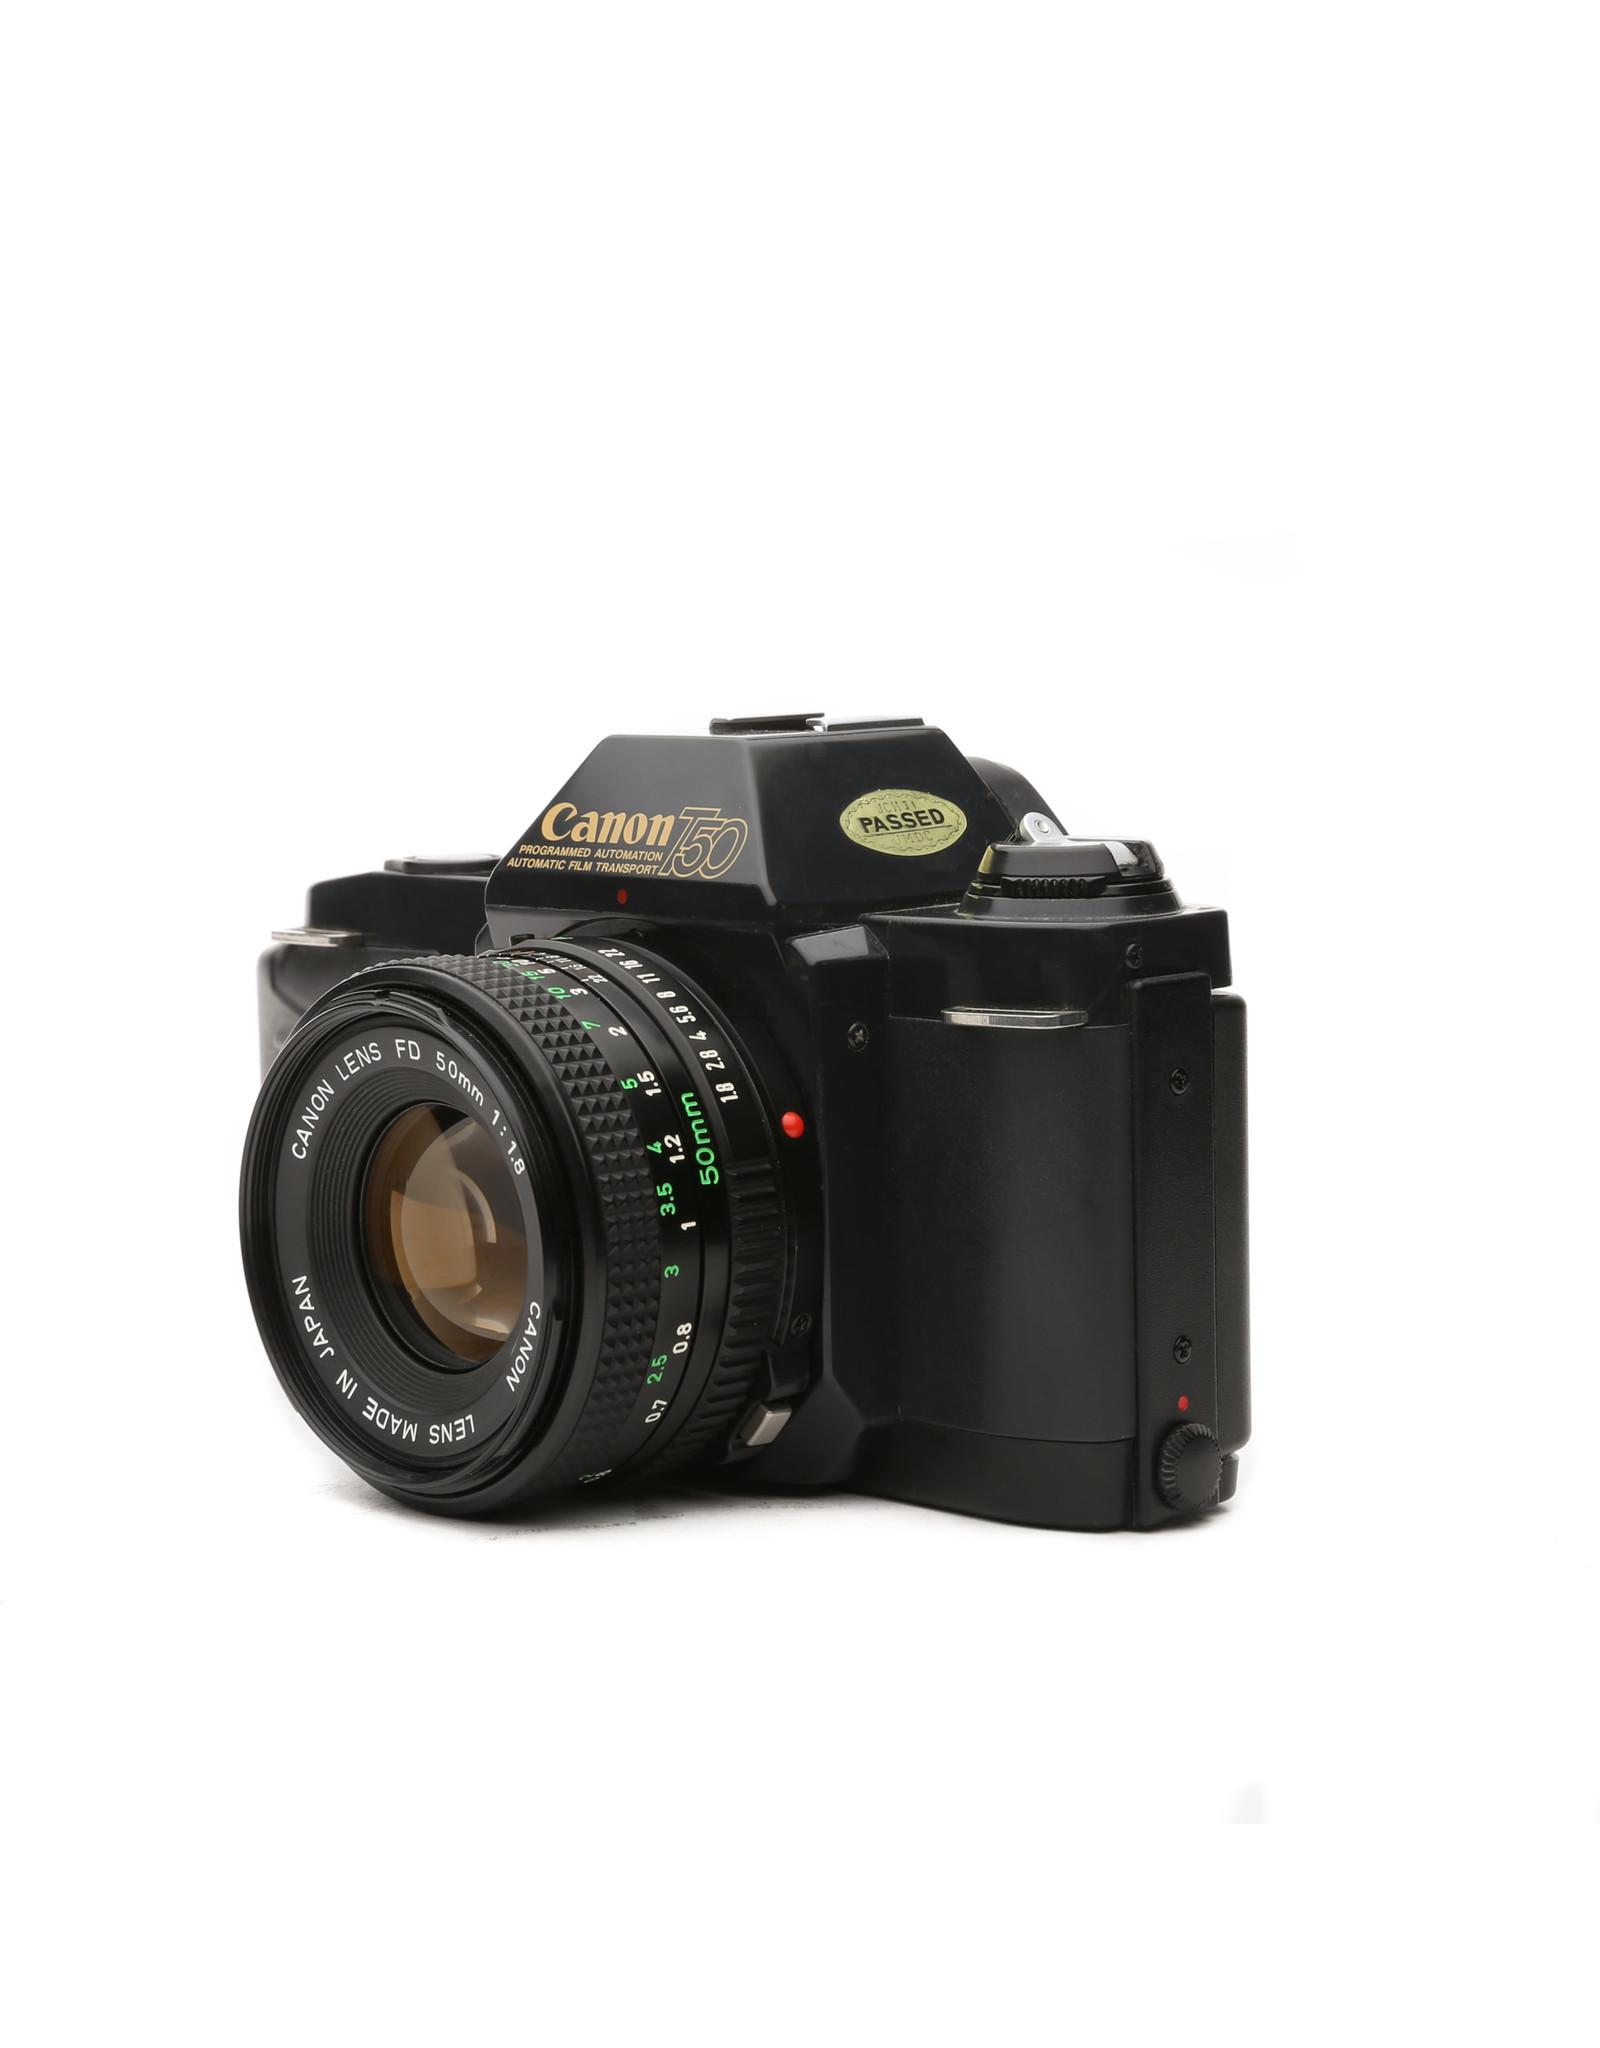 Canon CANON T50 35MM Film SLR Camera W/50mm f1.8 Lens